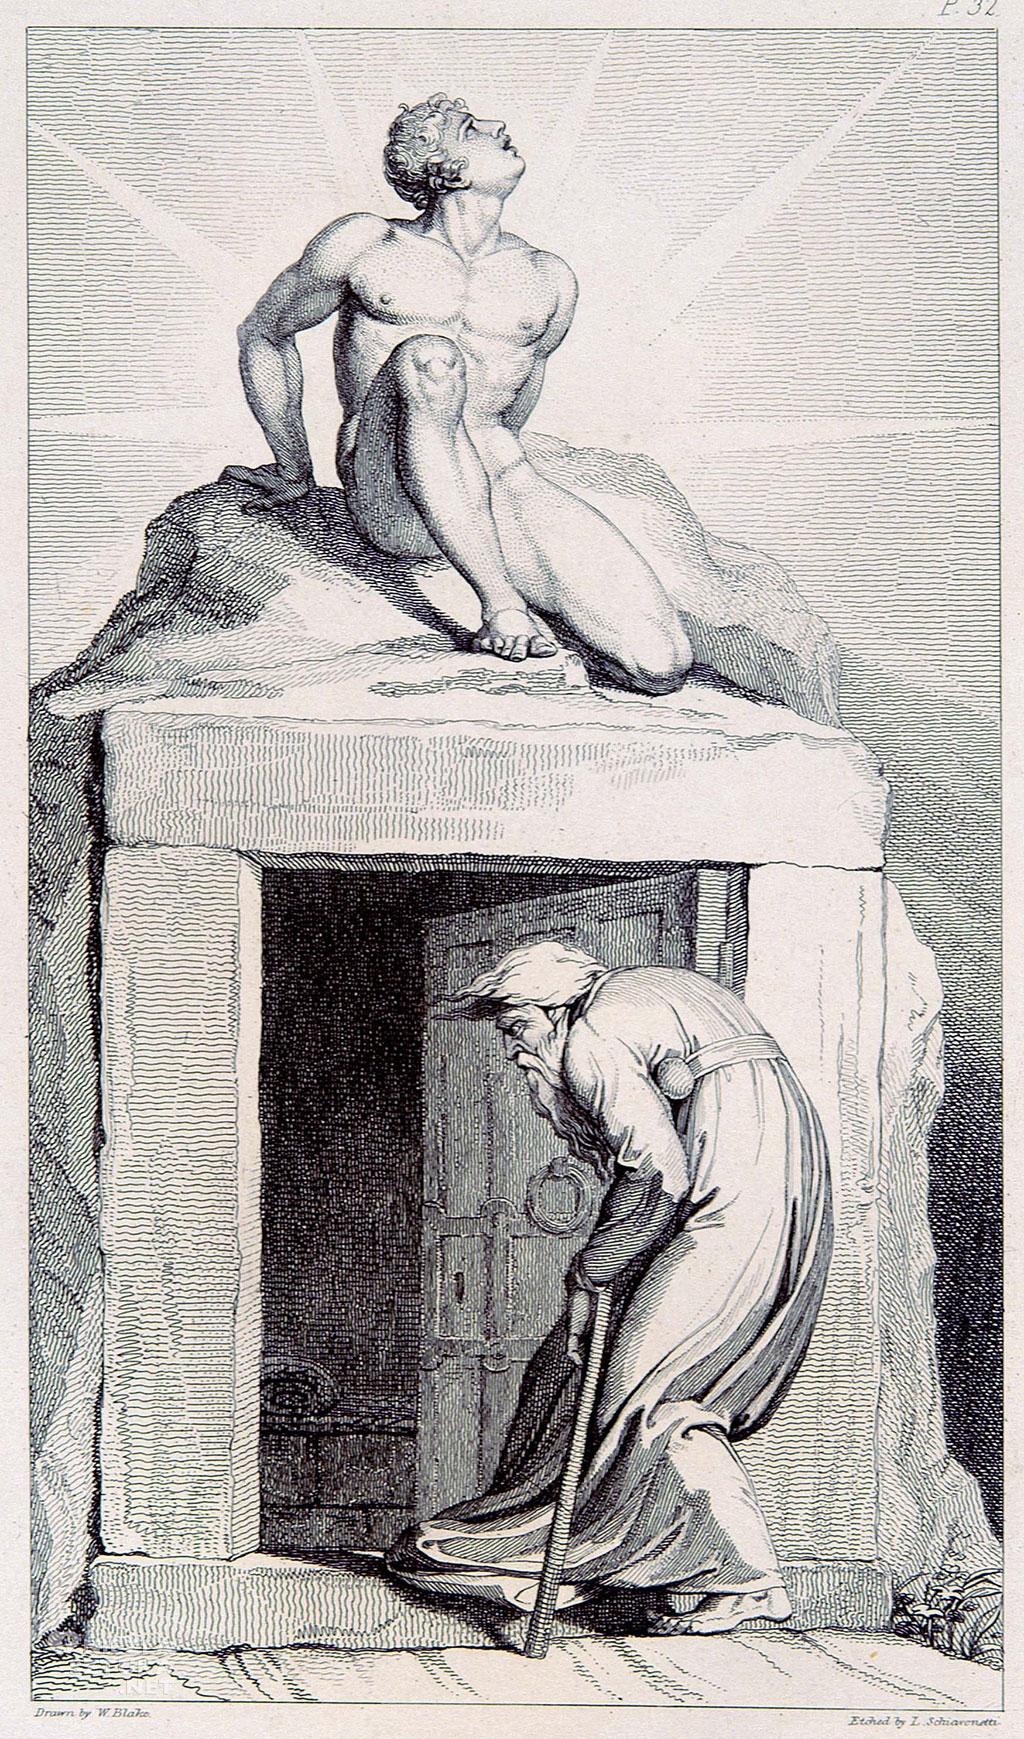 William Blake Drzwi śmierci (Death's Door). Akwaforta wykonana techniką białej kreski zdobiąca poemat Grób Roberta Blaira | 1805, fot. University of Toronto